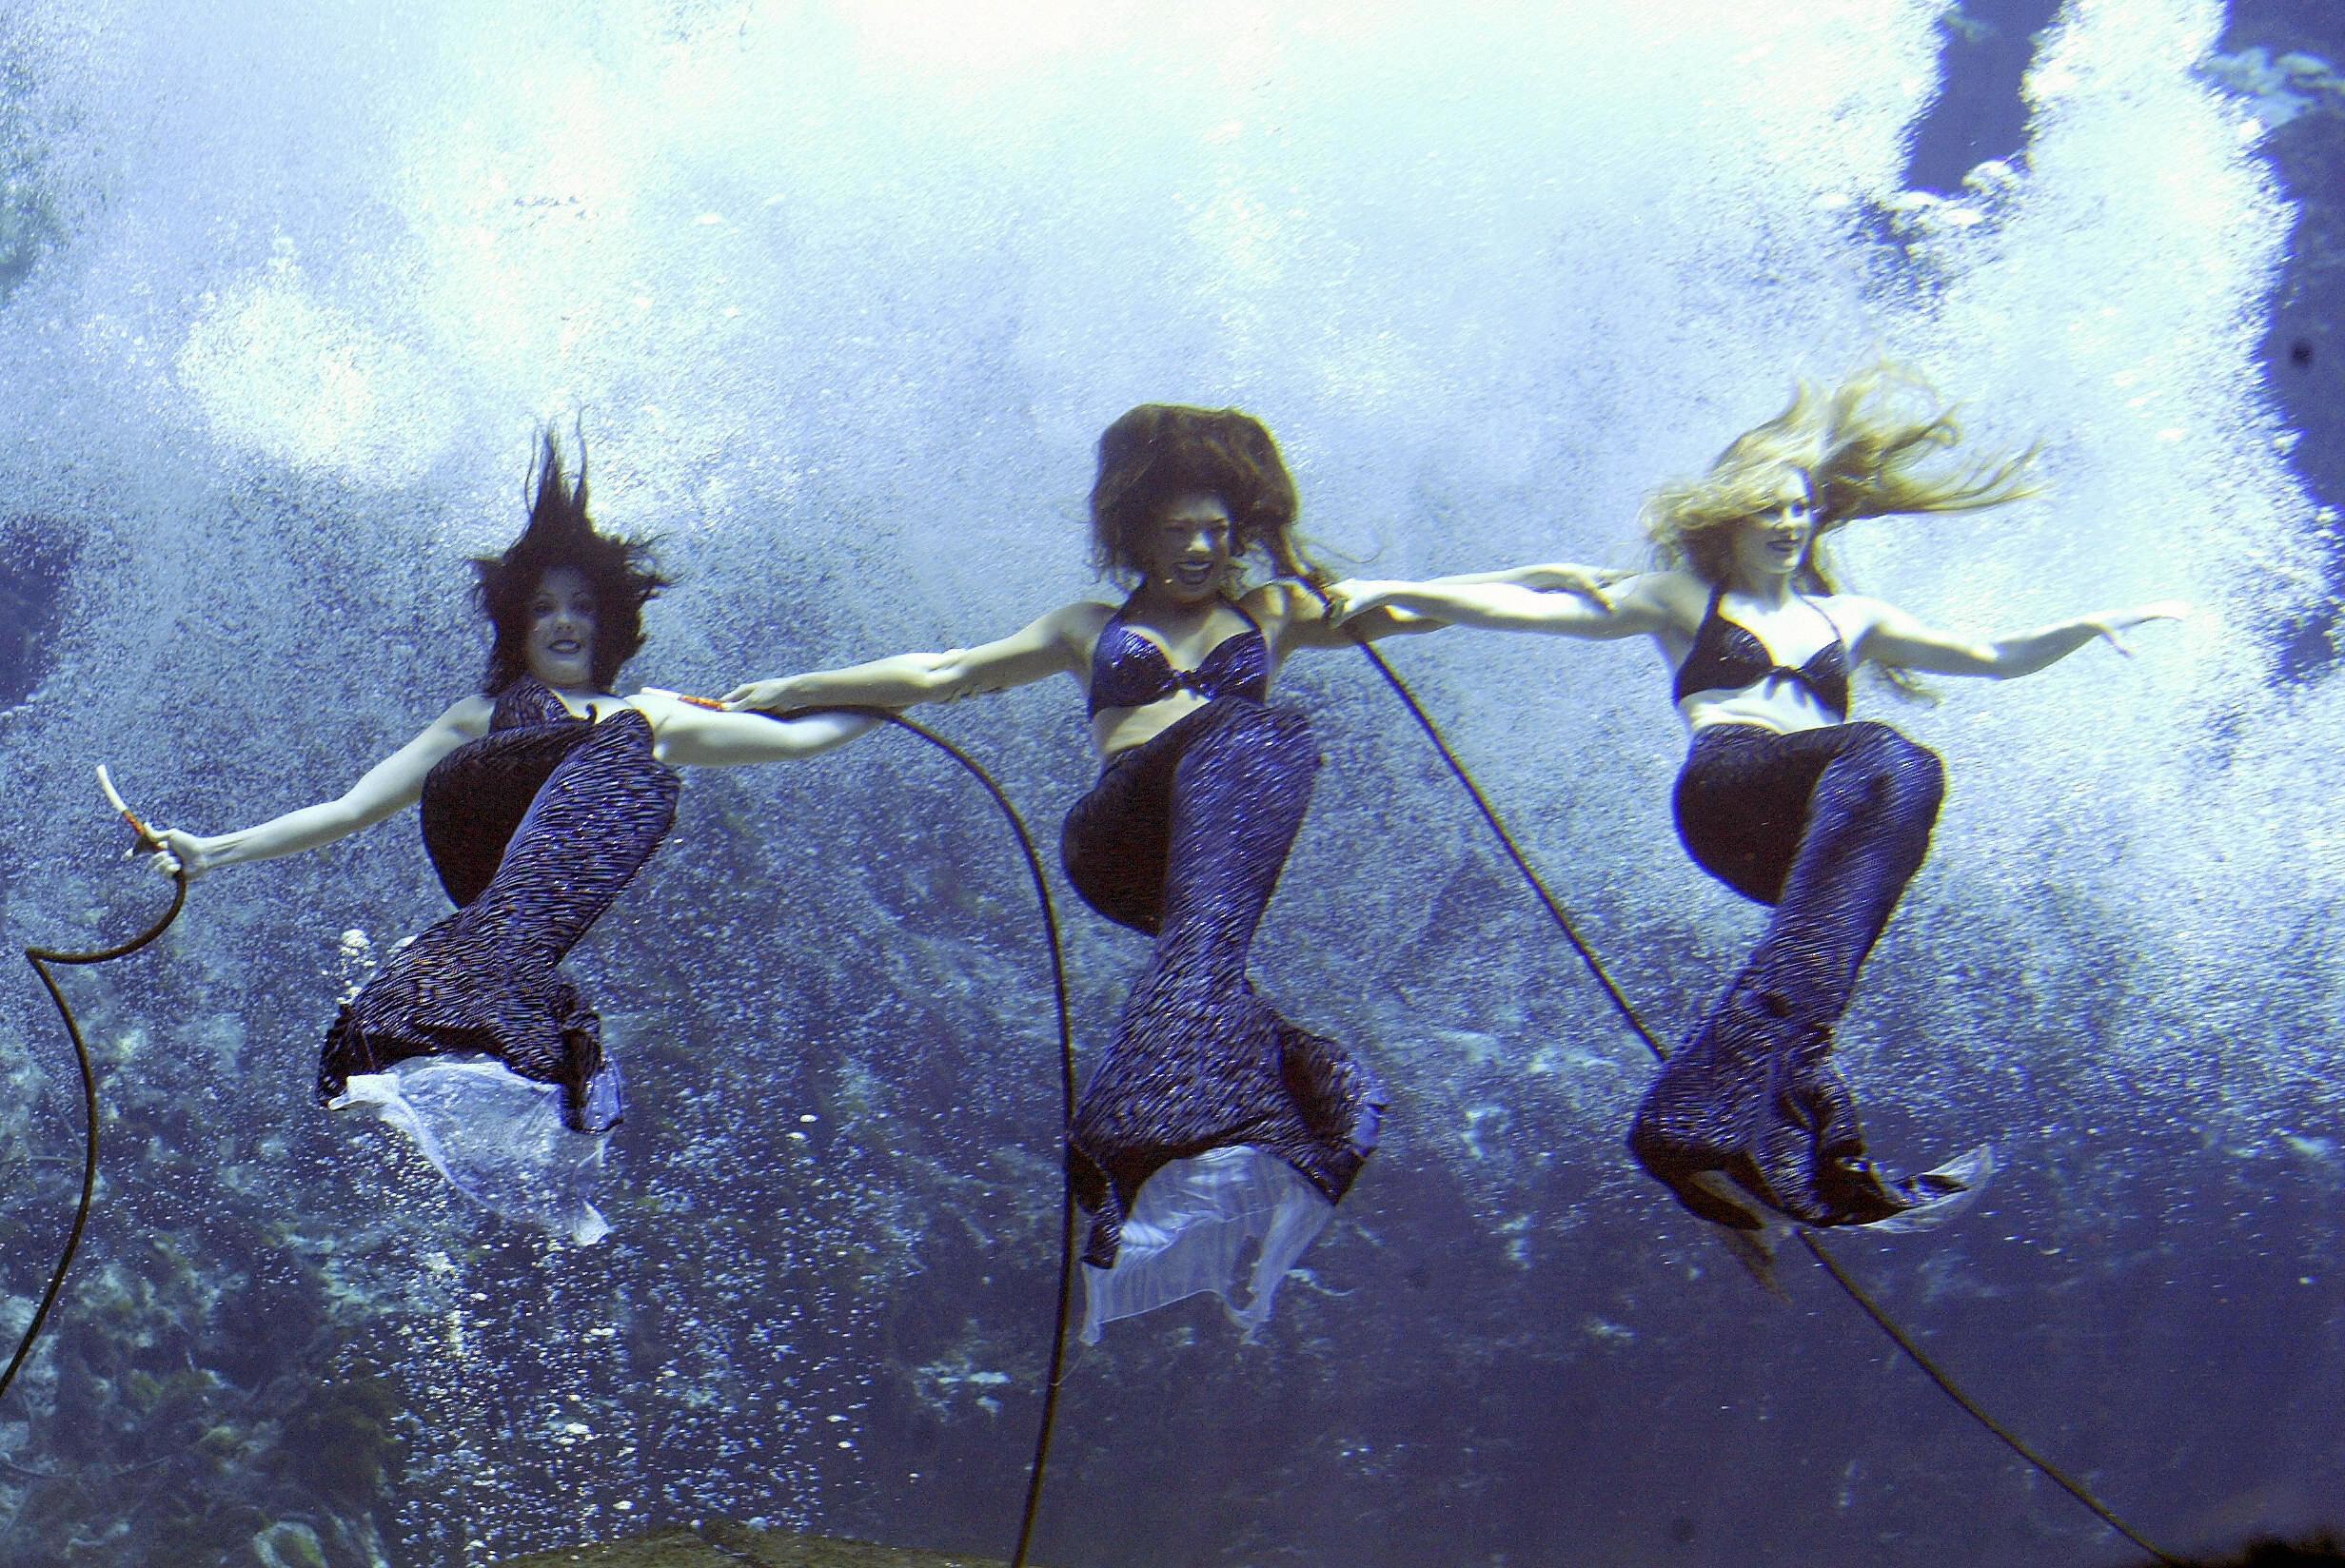 Three mermaids underwater